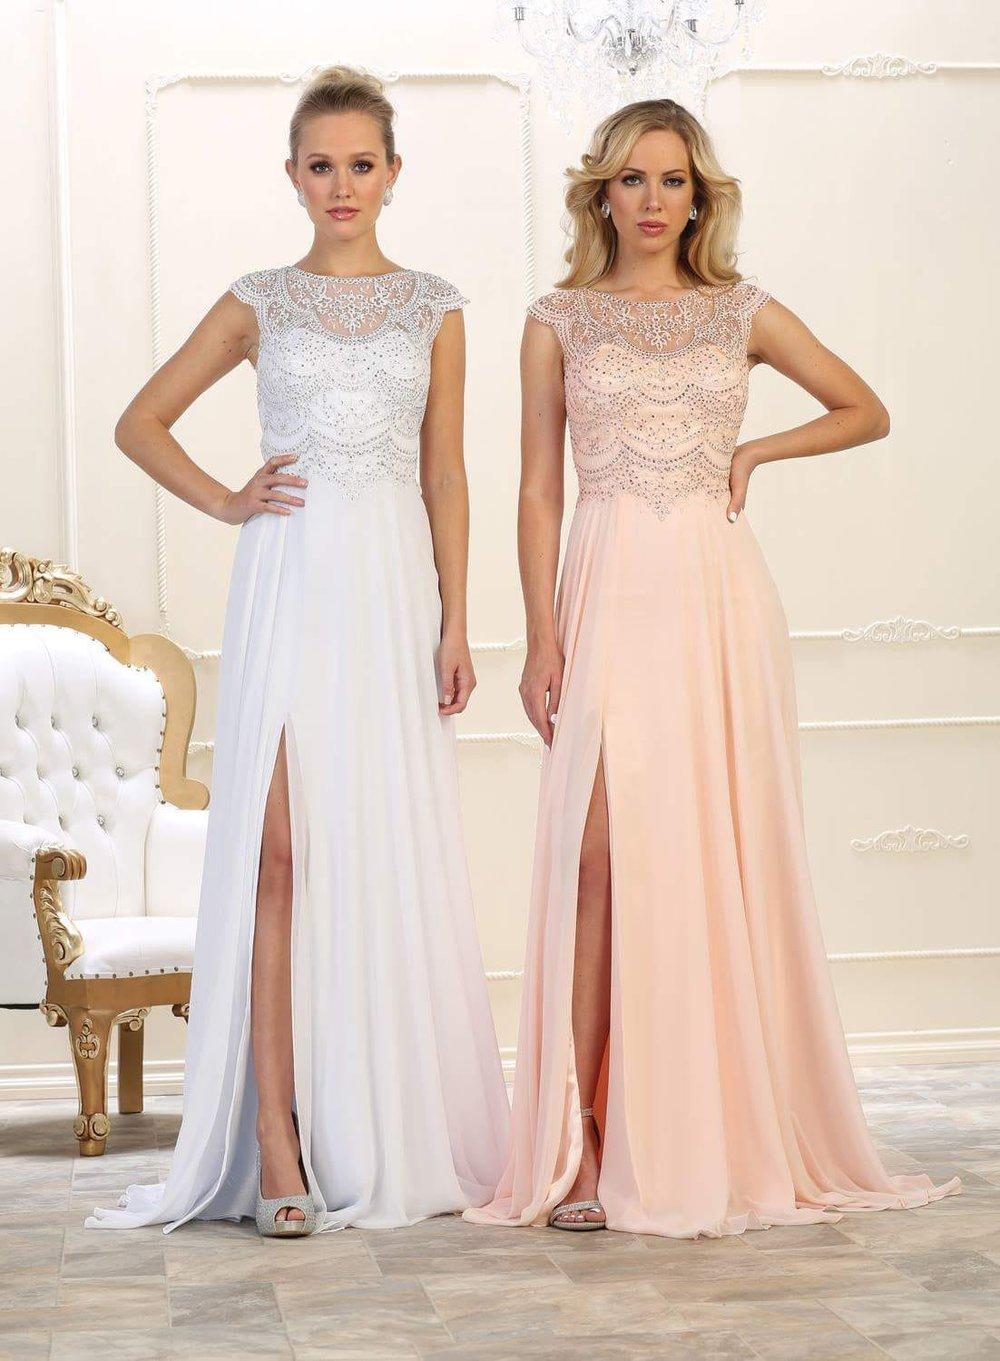 Dresses (28).jpeg